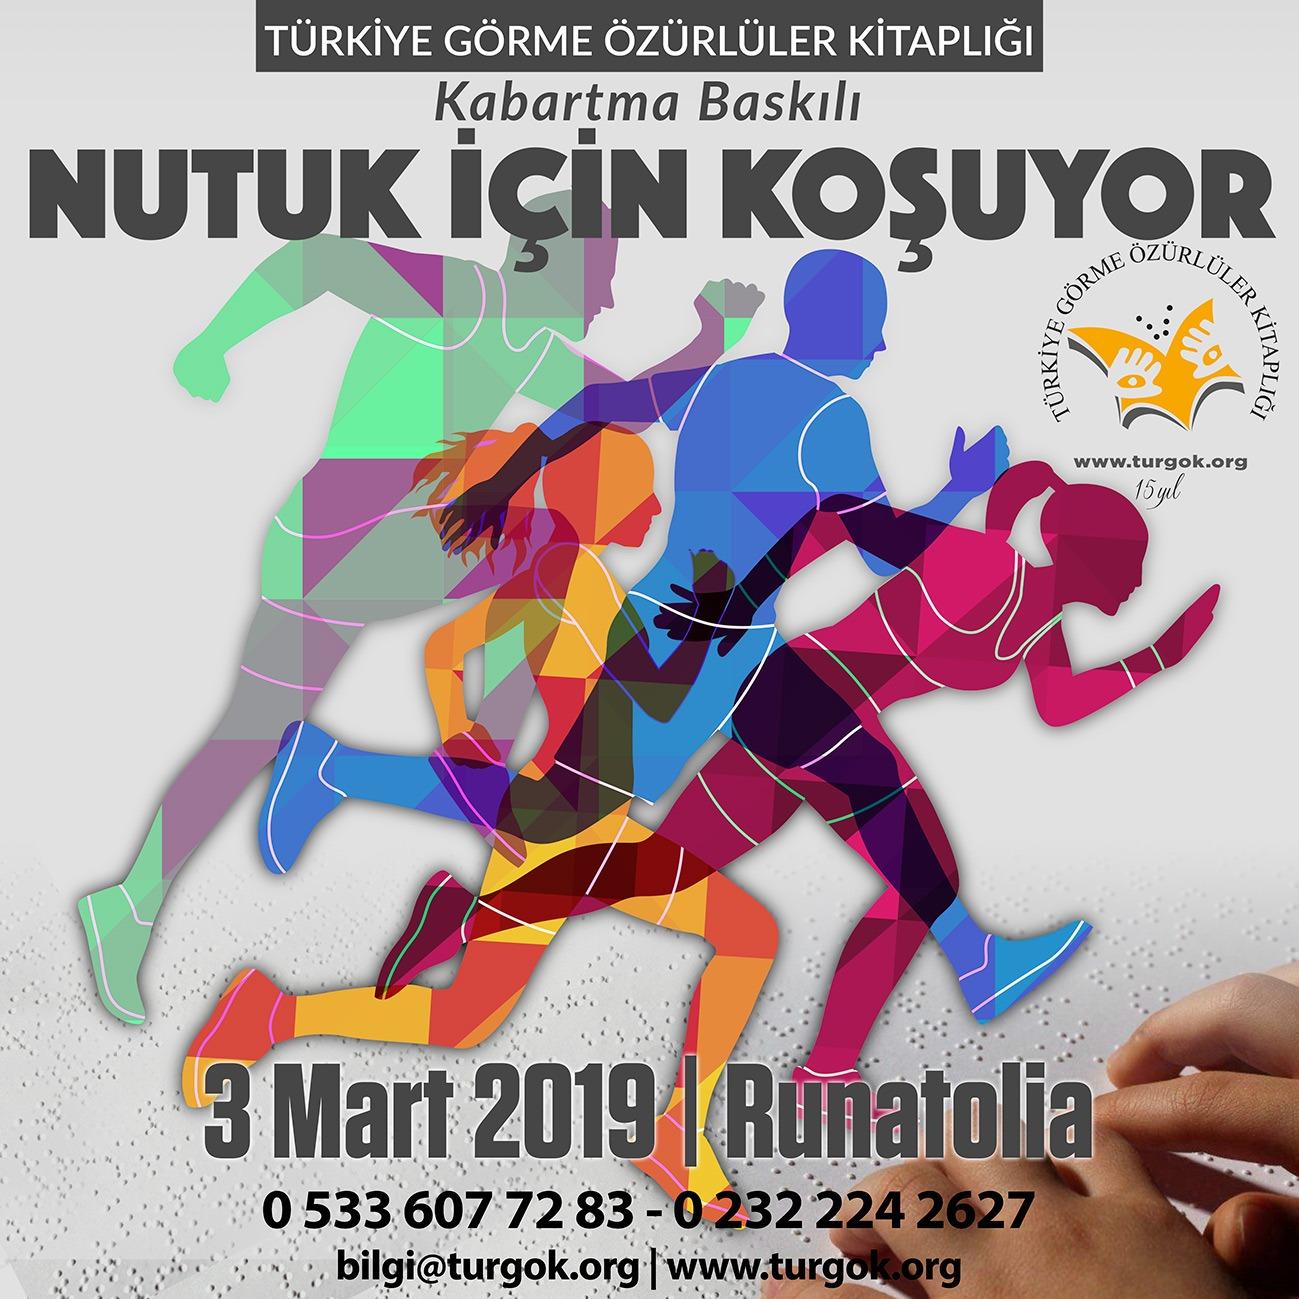 TÜRGÖK, Antalya'da Görmeyenlere Kabartma Baskılı NUTUK için koşuyor!. Ayrıntılar için Tıklayınız